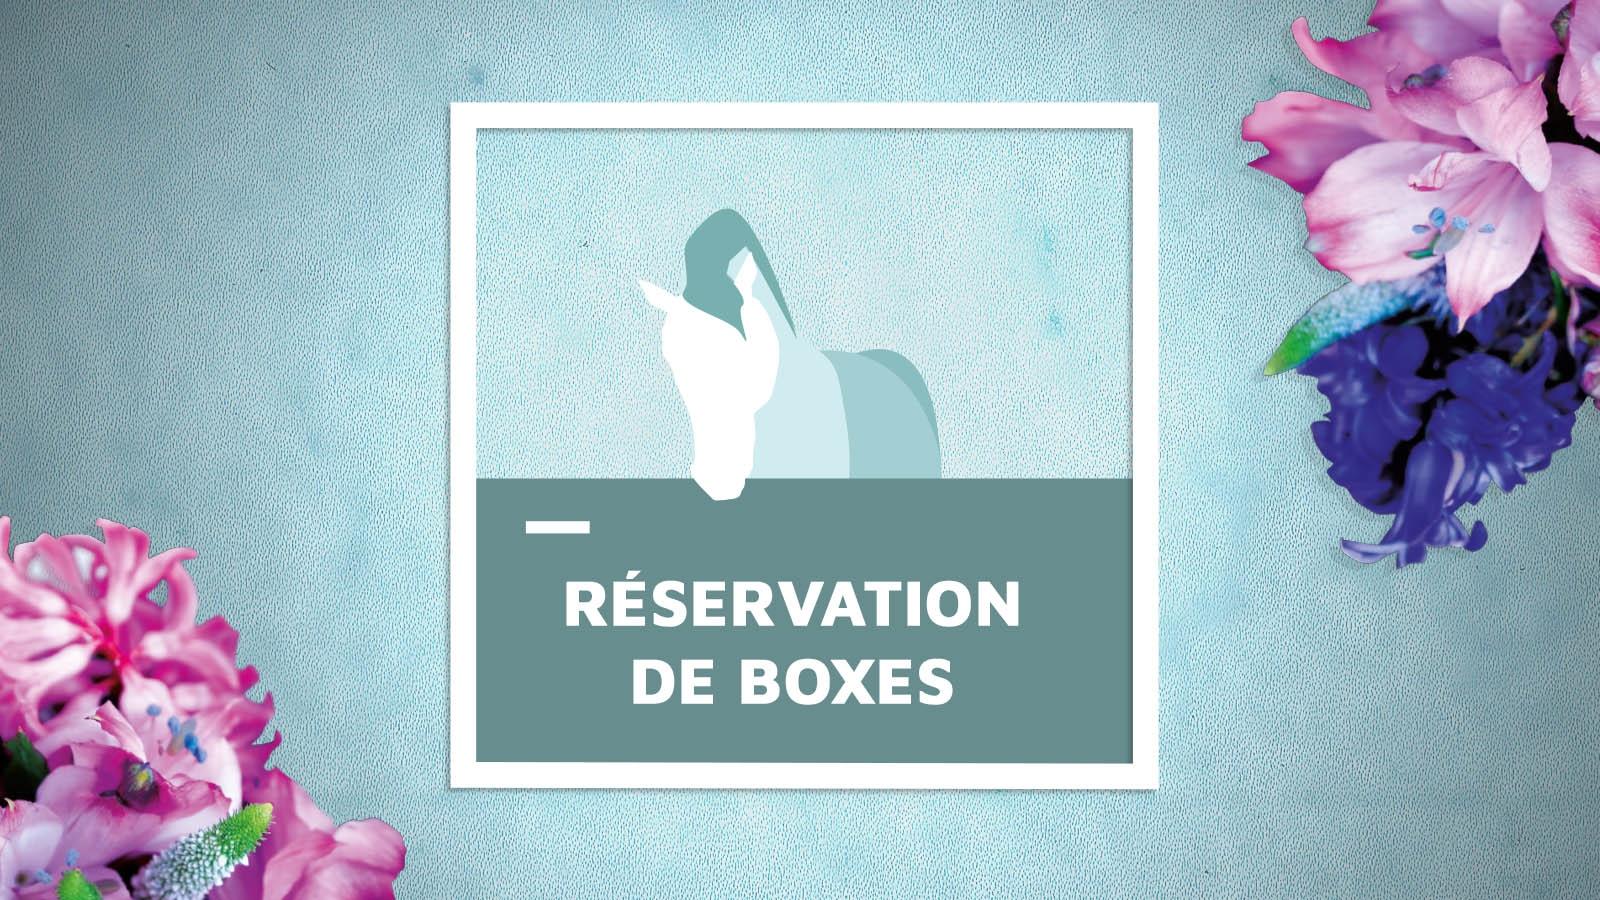 Lire l'acutalité Fontainebleau 2018 : Réservation de boxes